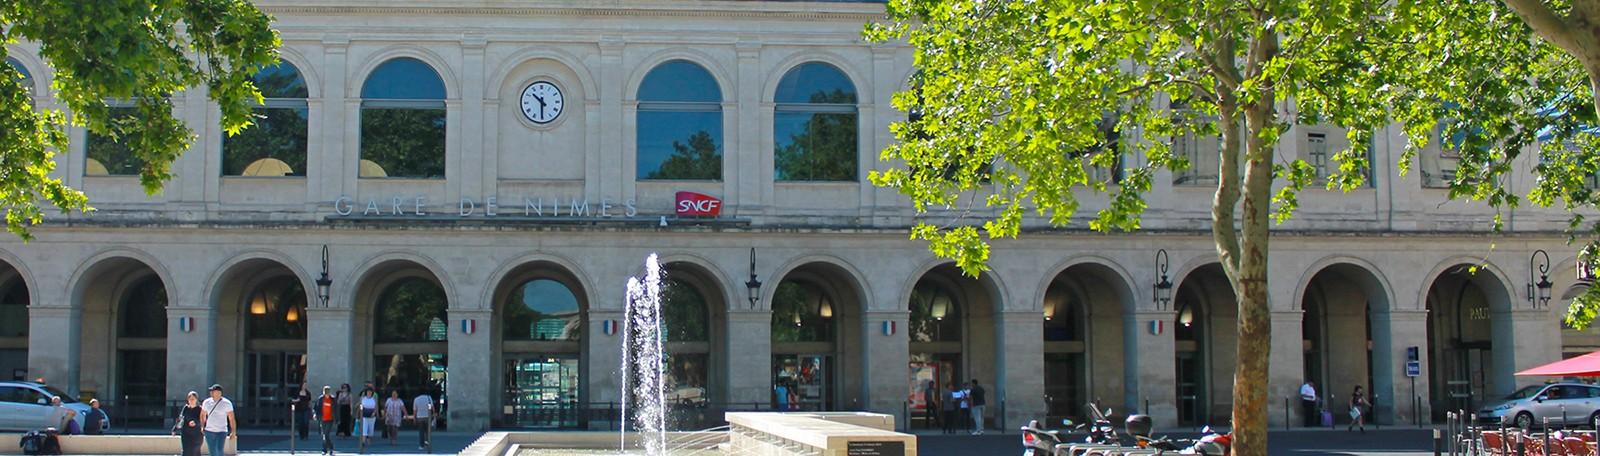 Car park Gare - Park in Nîmes | Q-Park